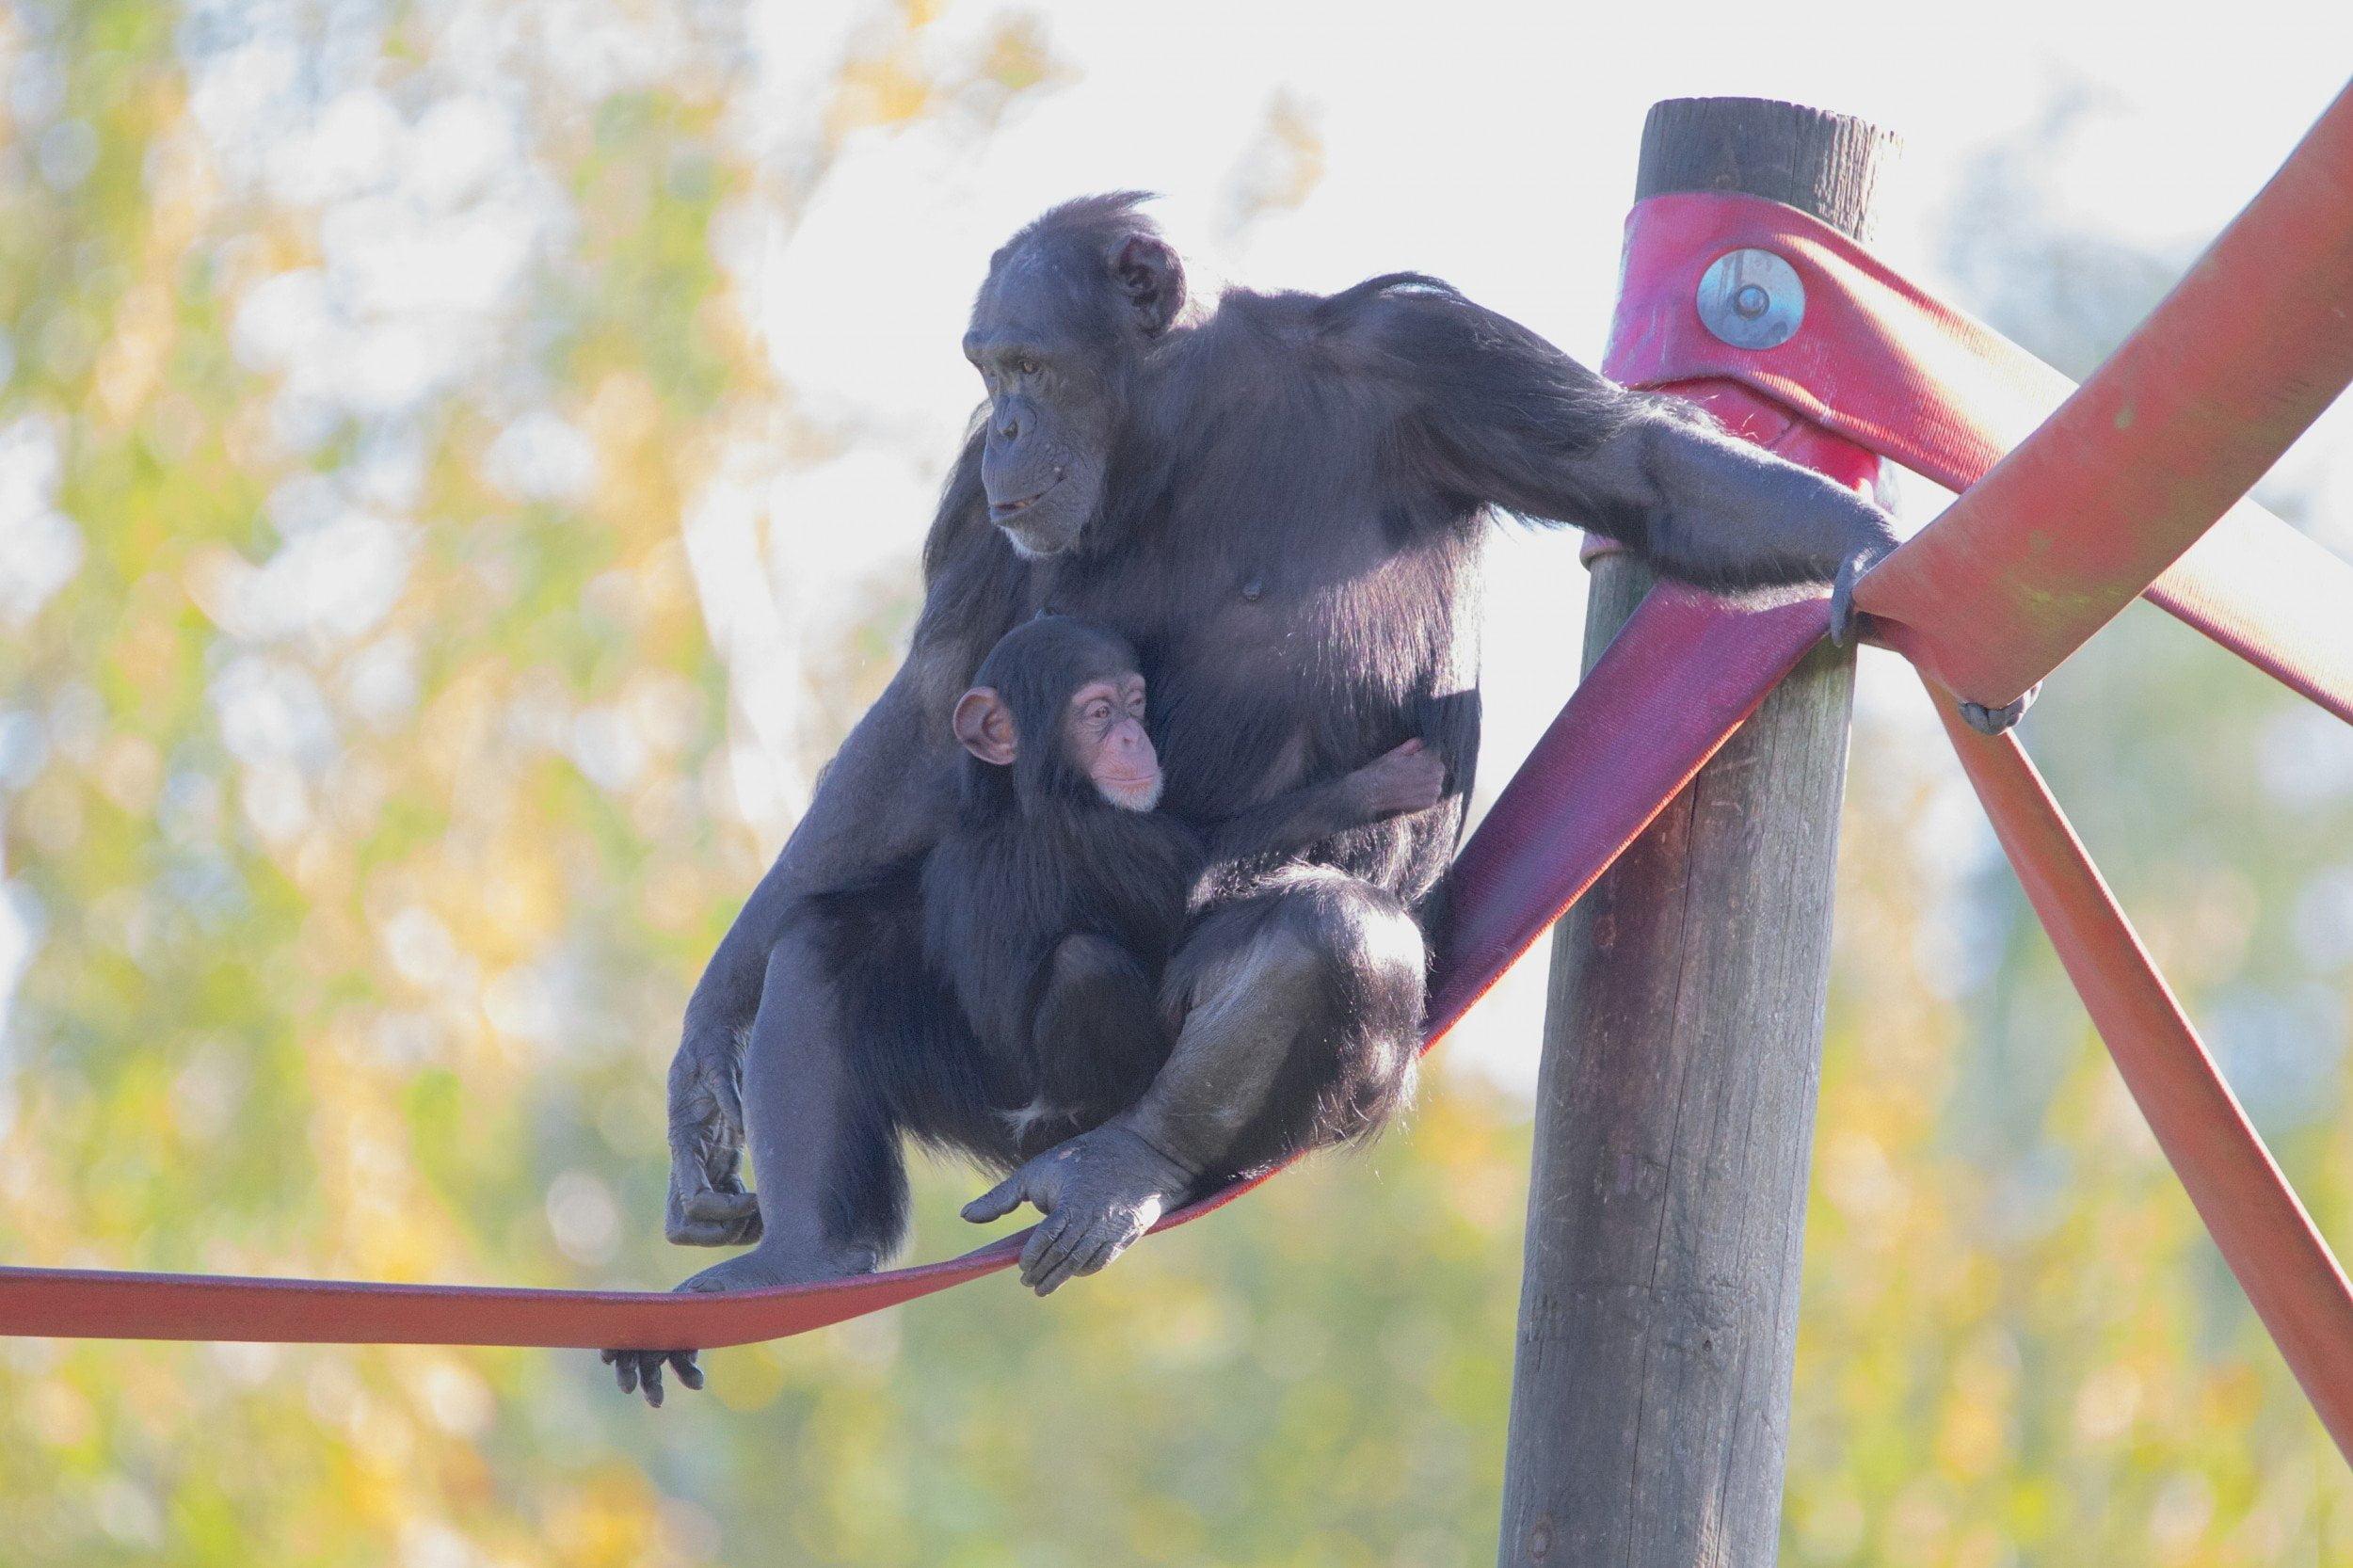 Monkey World - Ape Rescue Centre 8